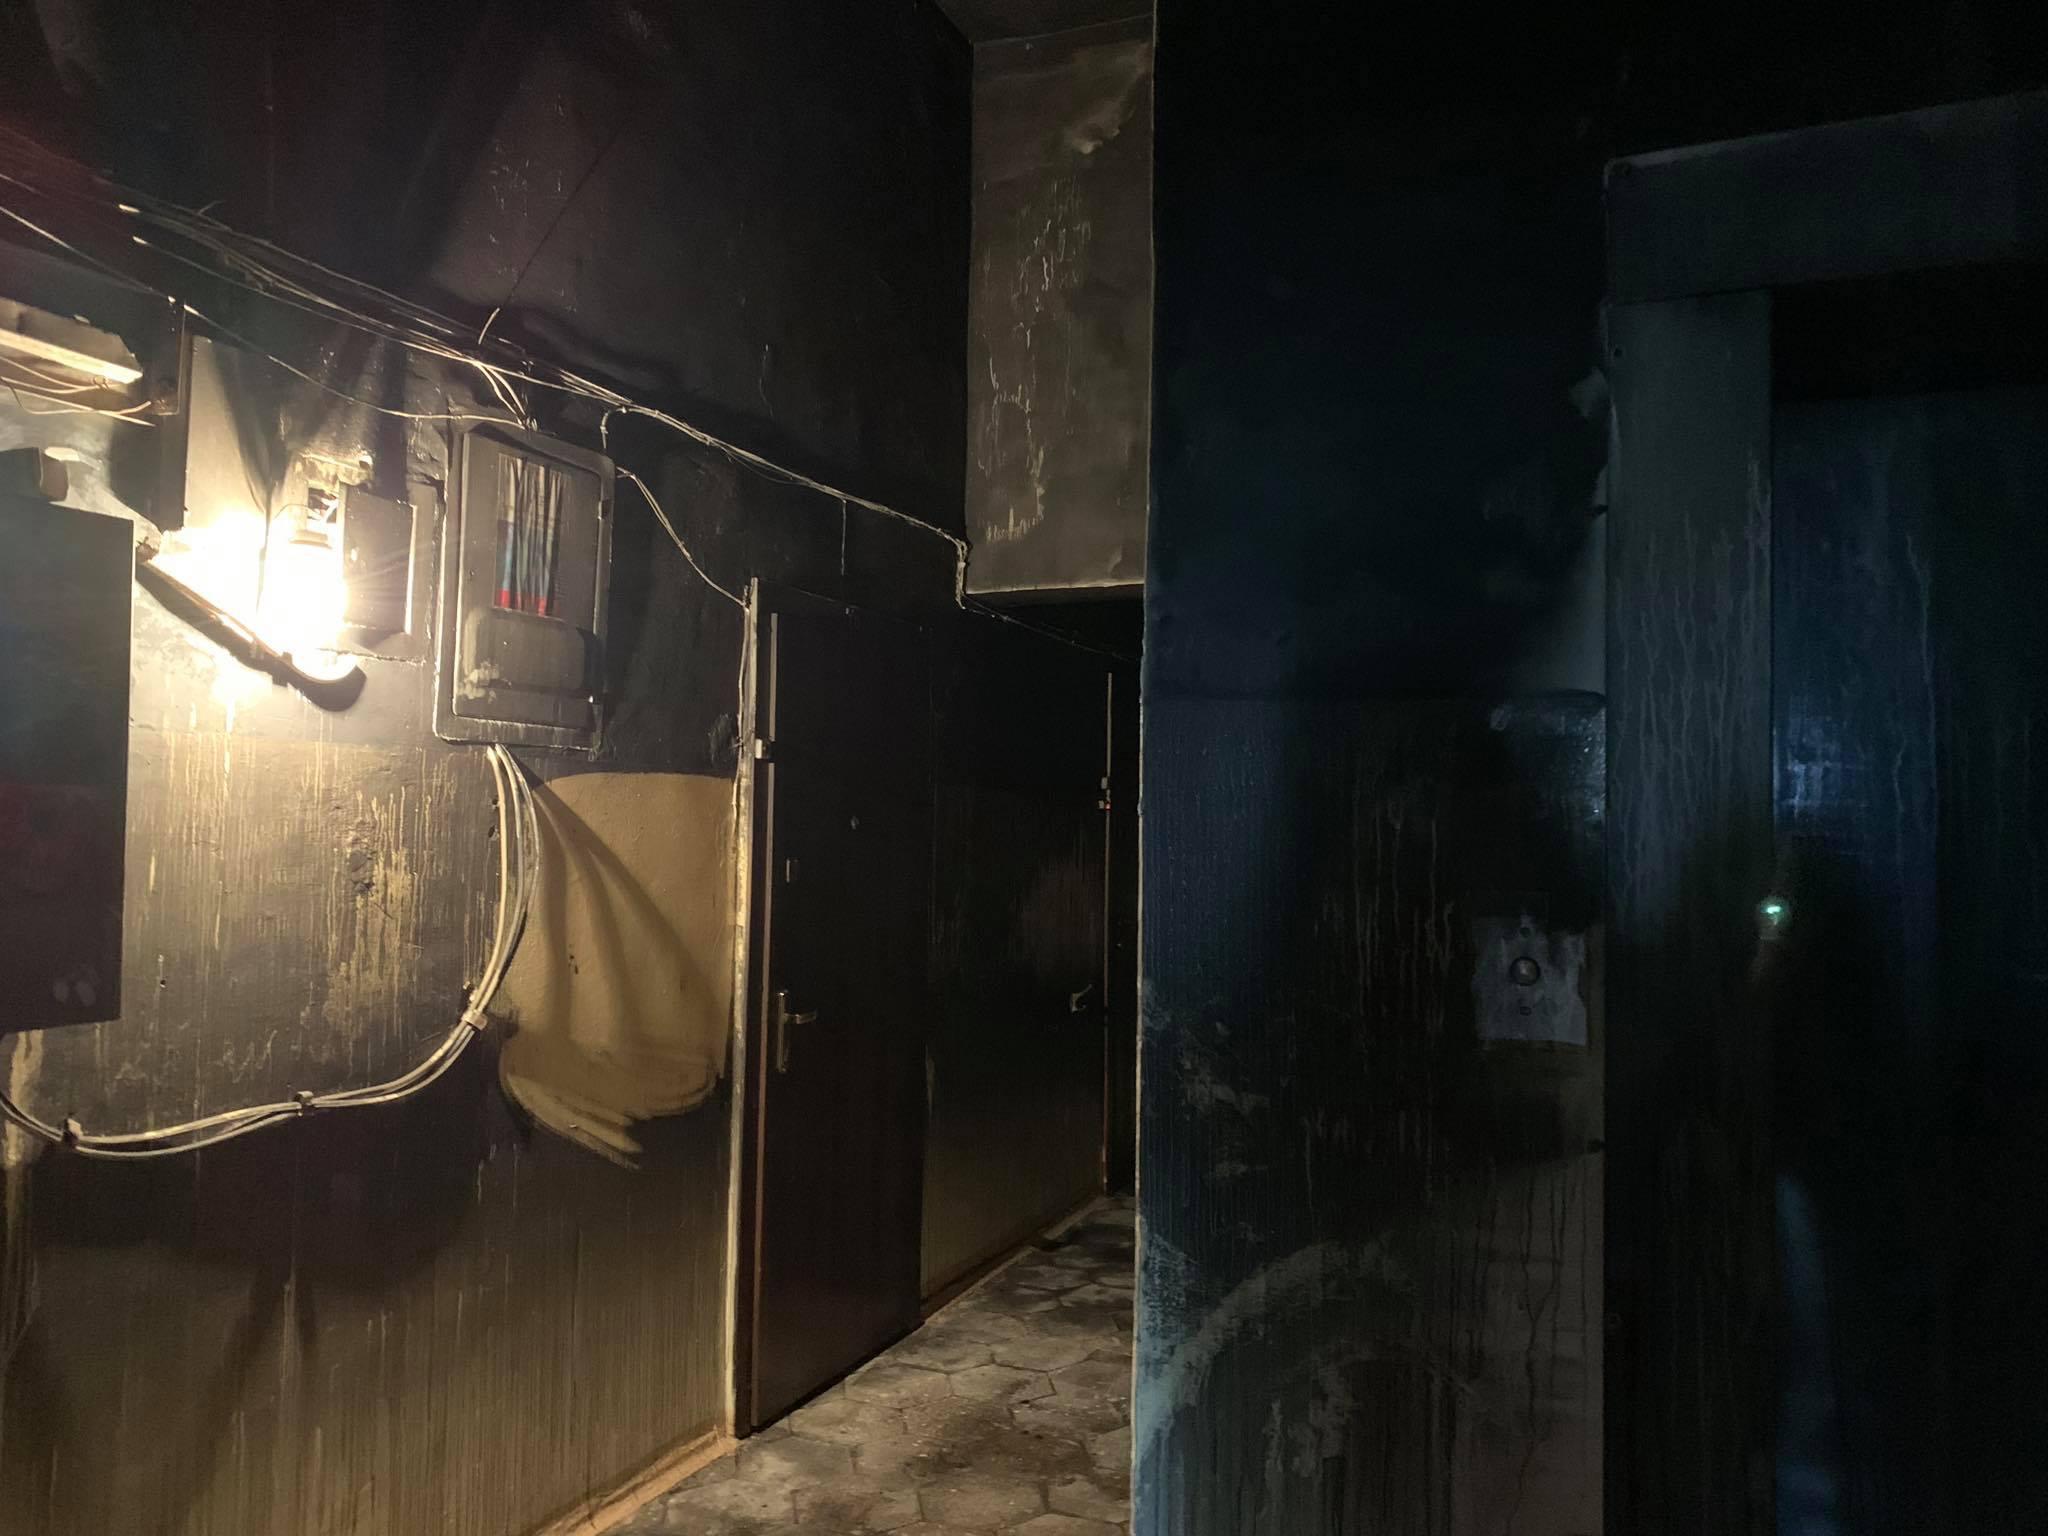 У київській багатоповерхівці згорів заживо чоловік - ФОТО - фото 2